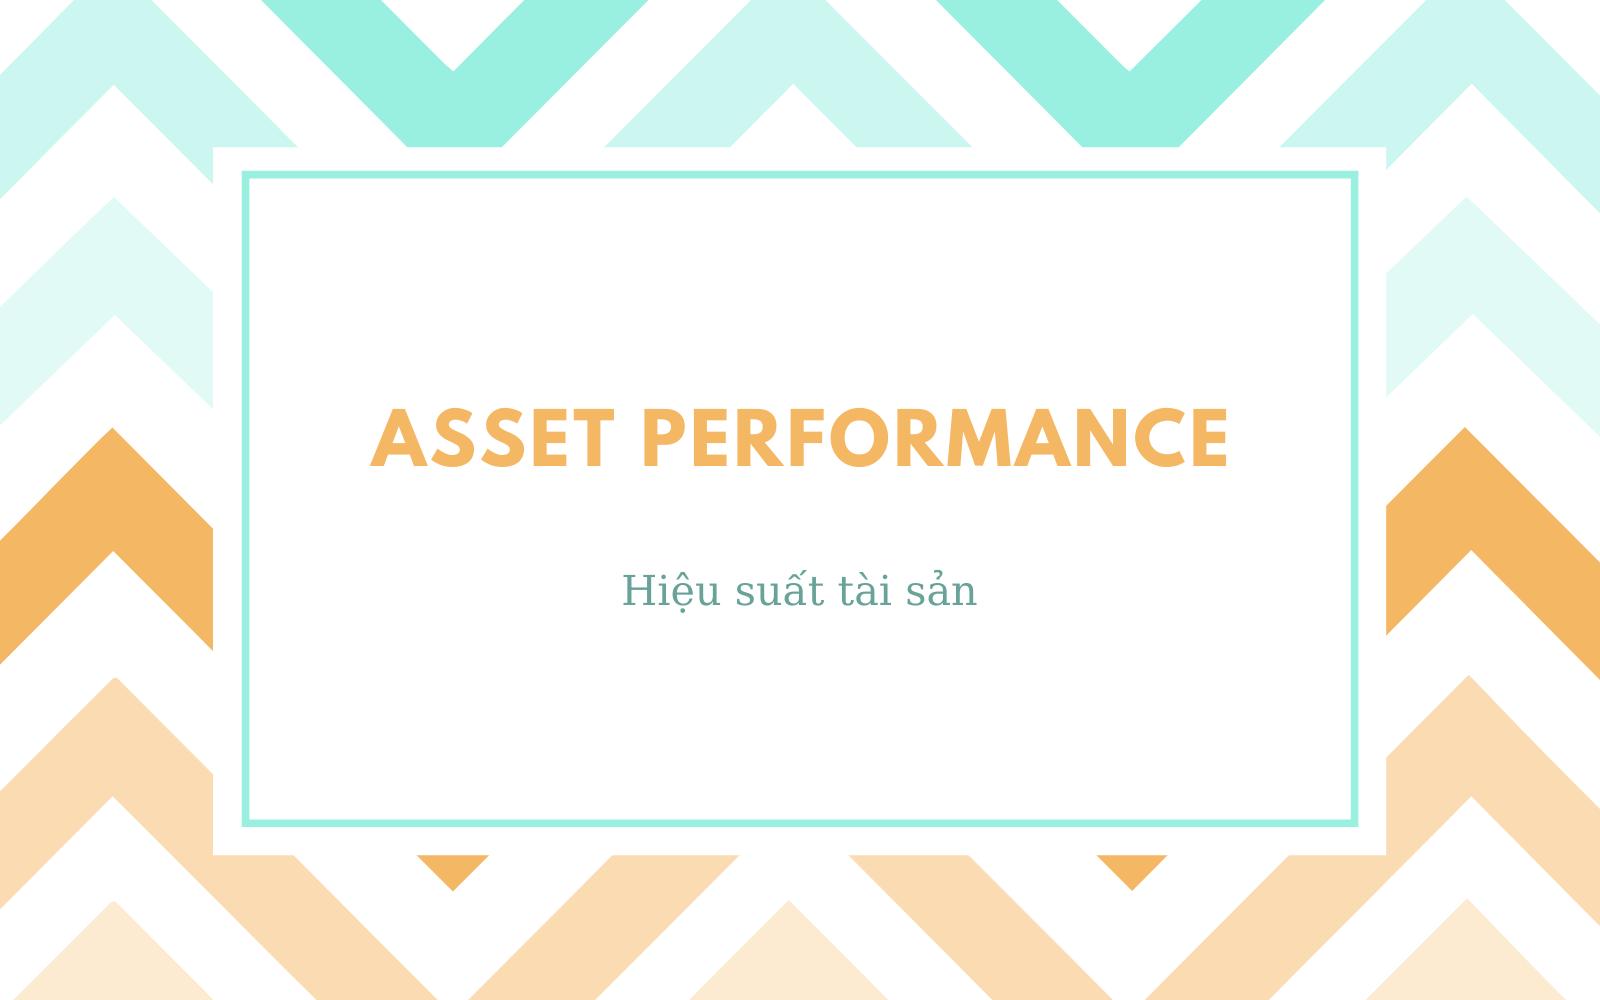 Hiệu suất tài sản (Asset Performance) là gì? - Ảnh 1.